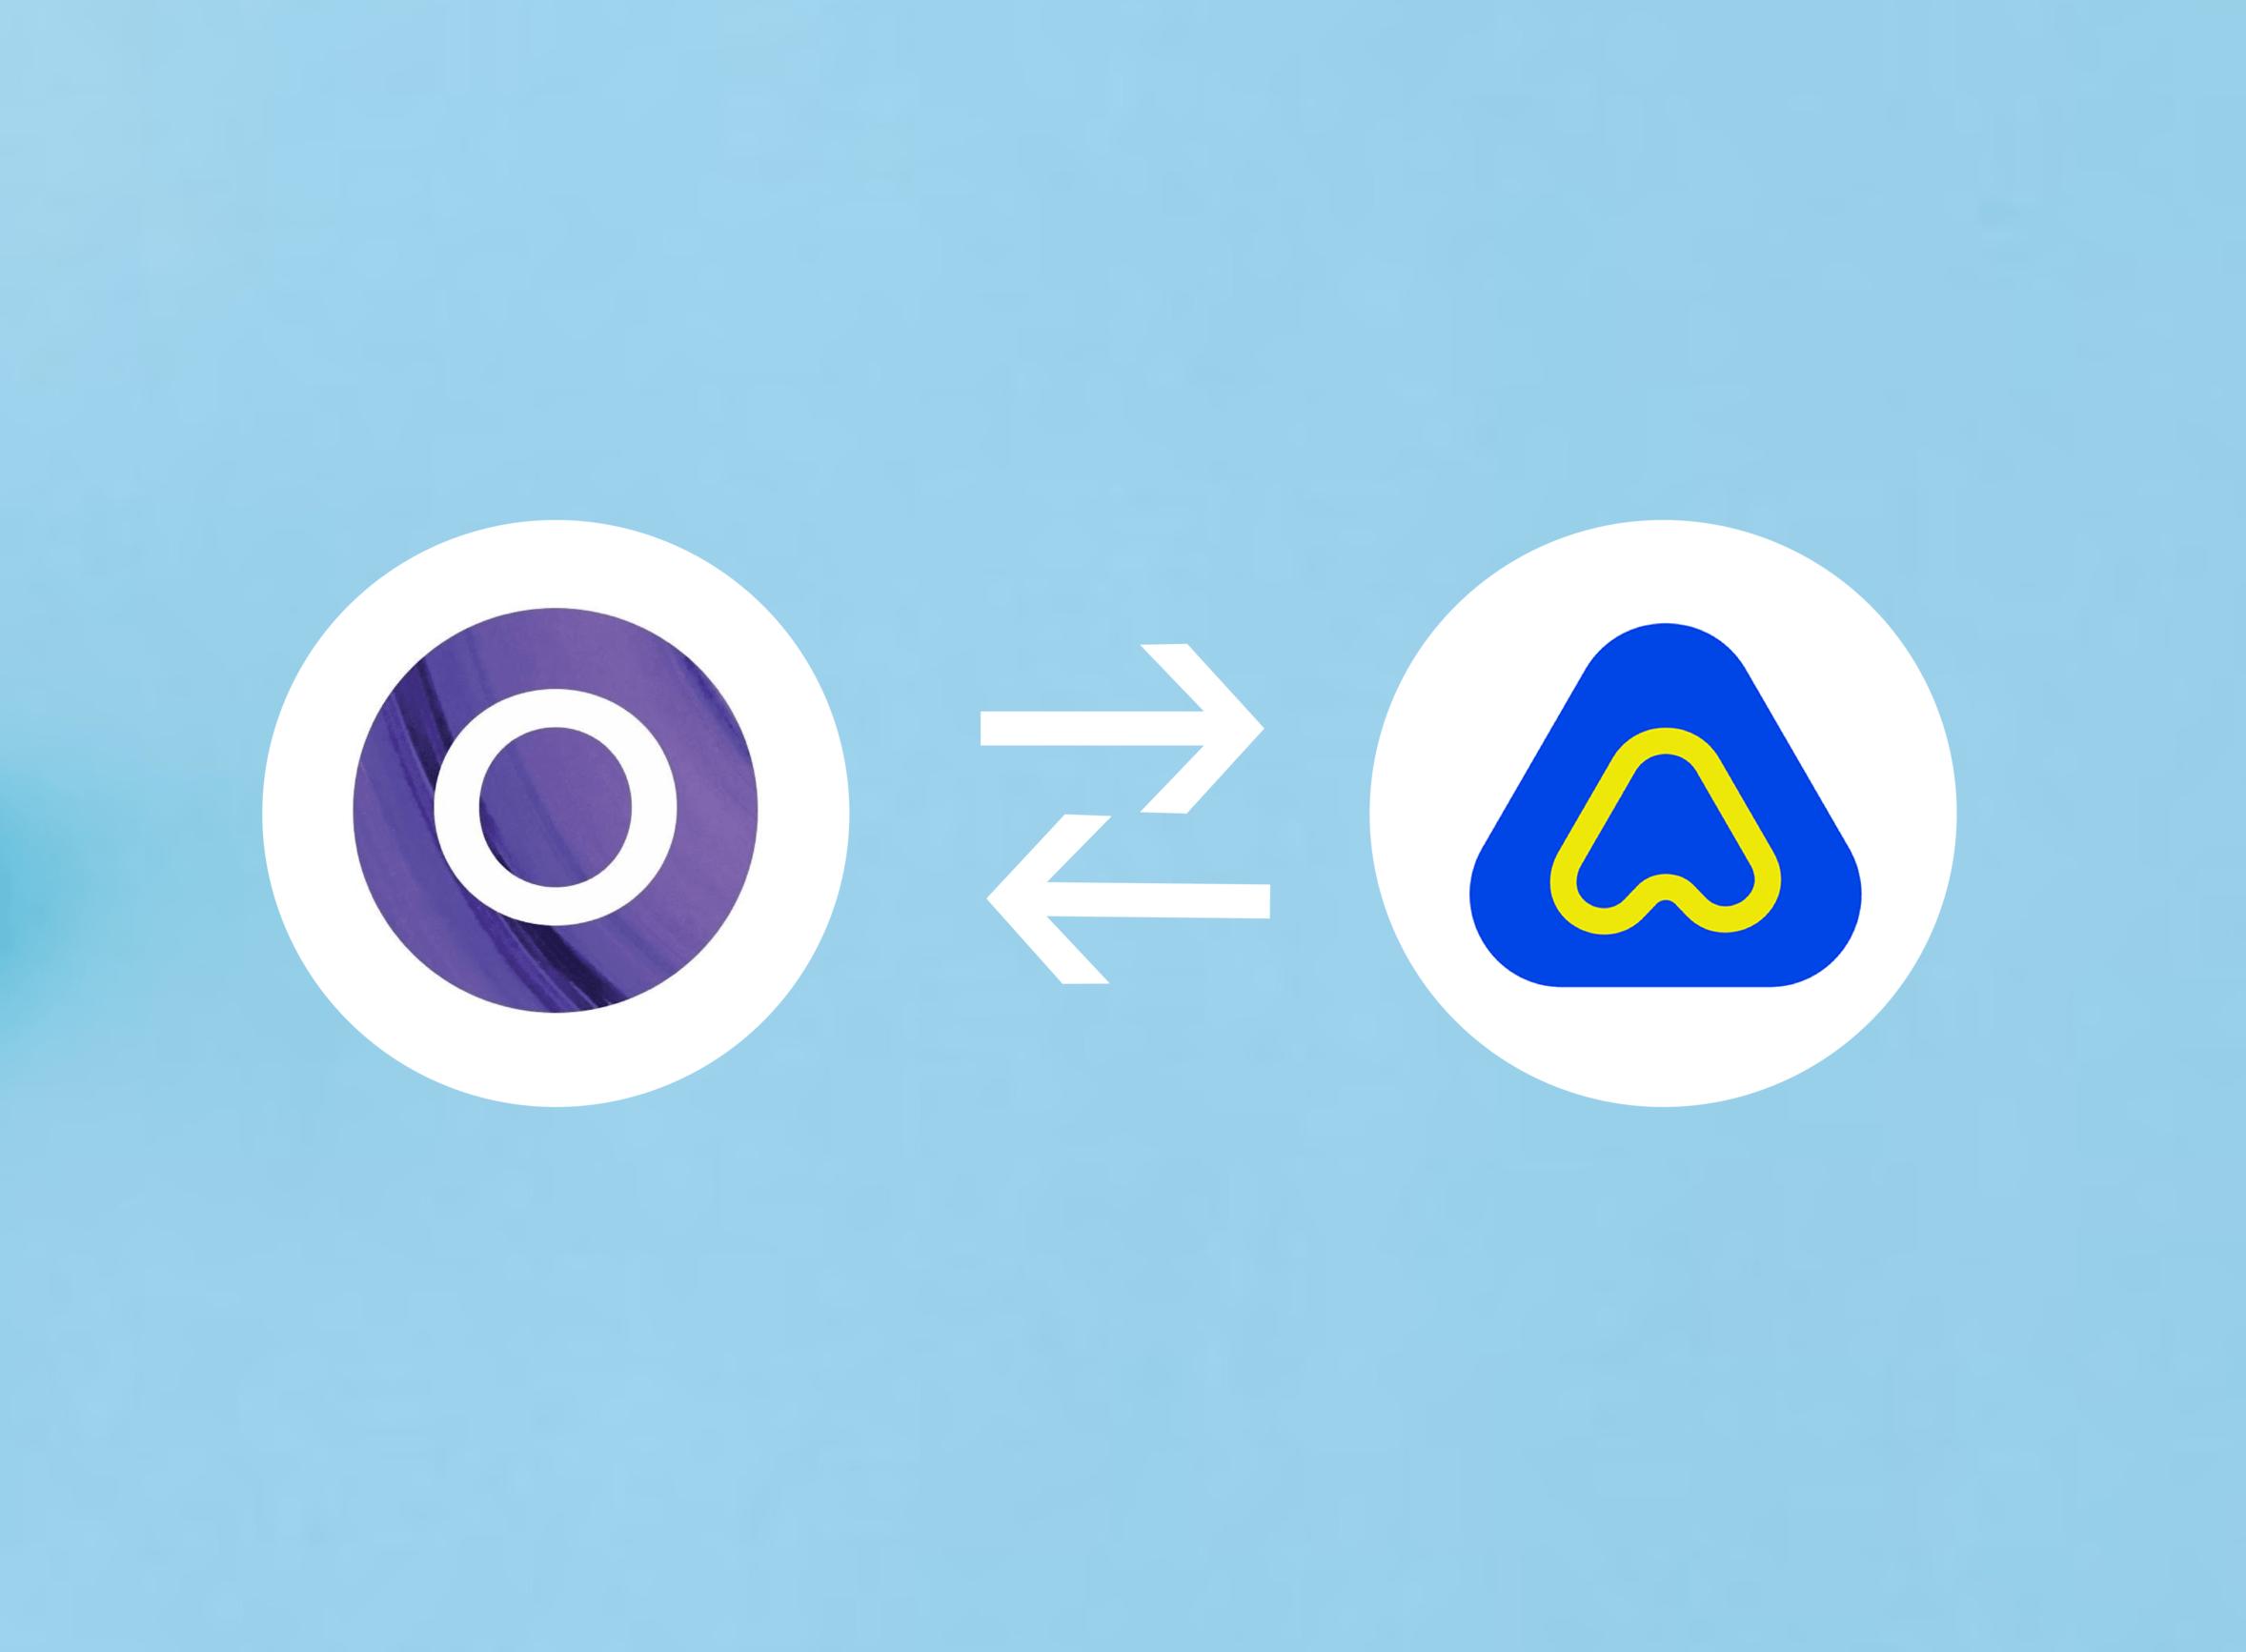 Cara Transfer AstraPay ke OVO atau OVO ke AstraPay